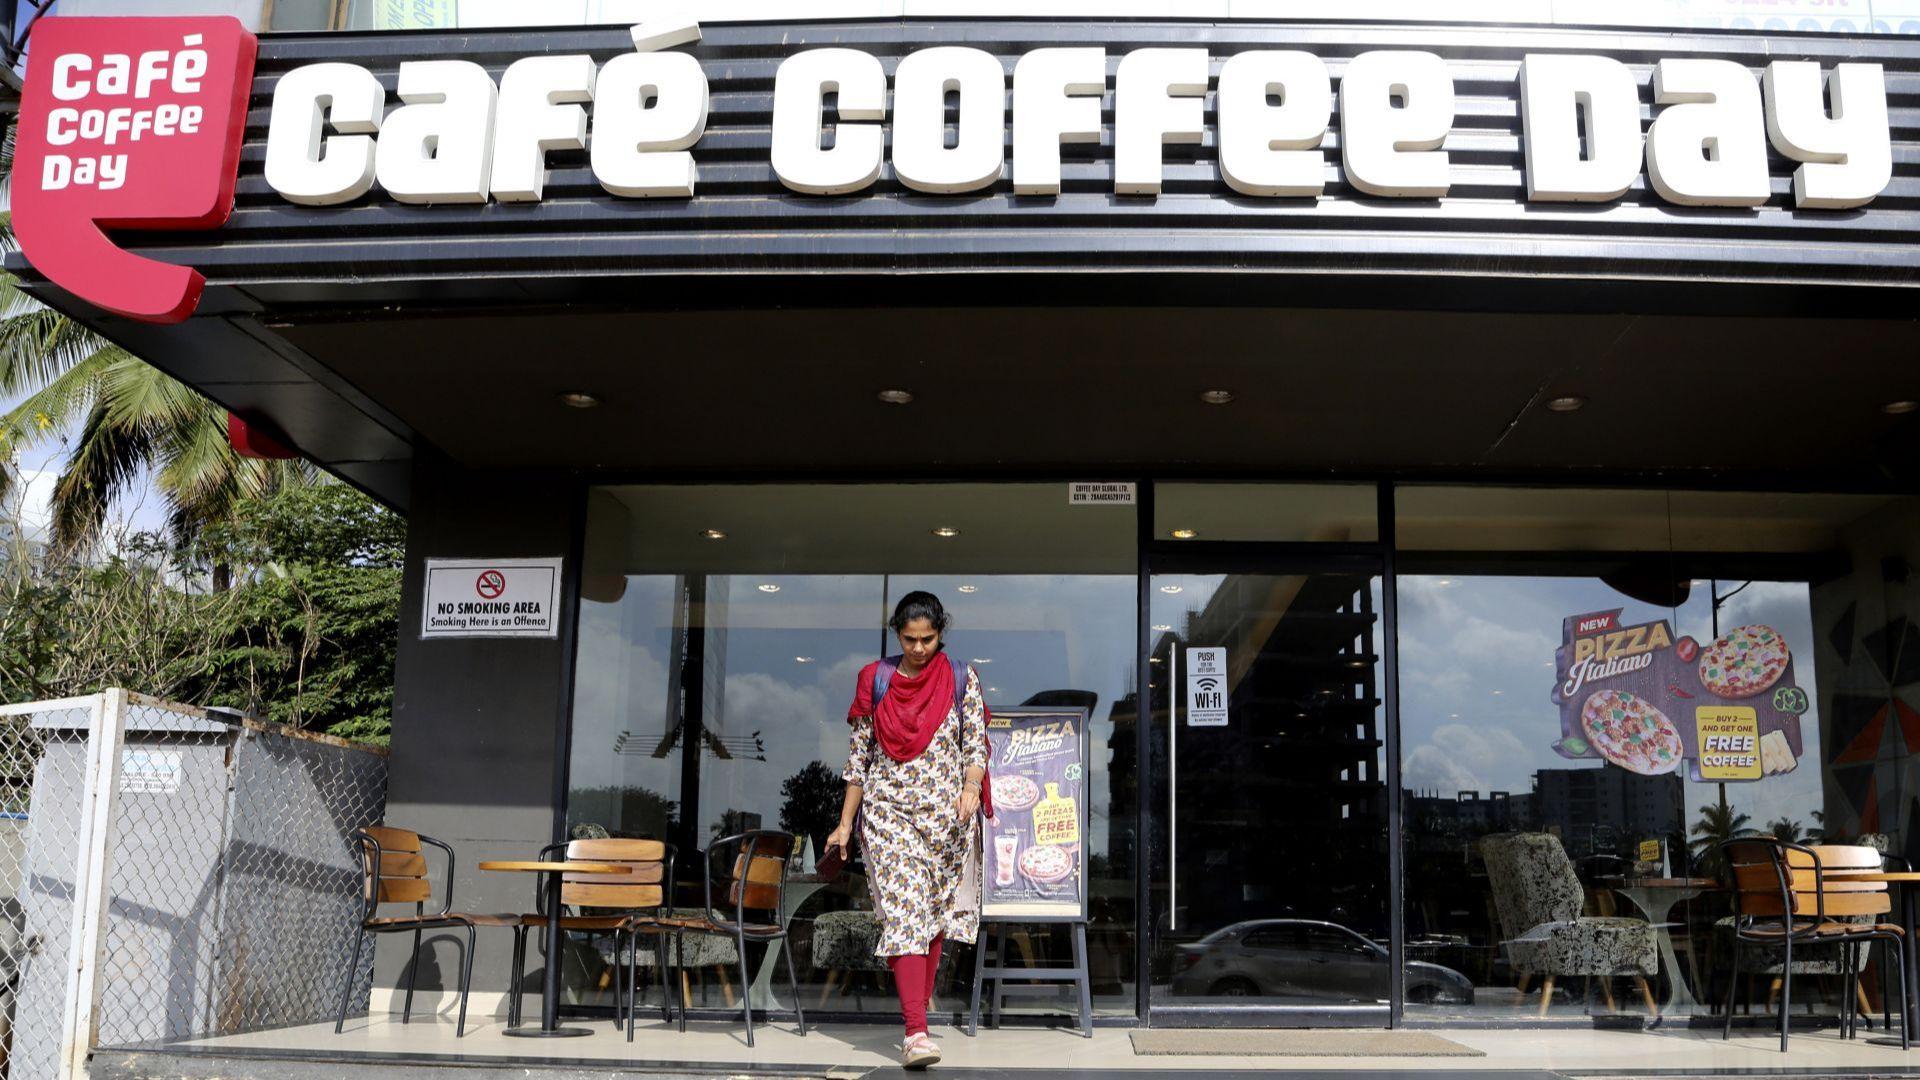 Откриха мъртъв Краля на кафето в Индия